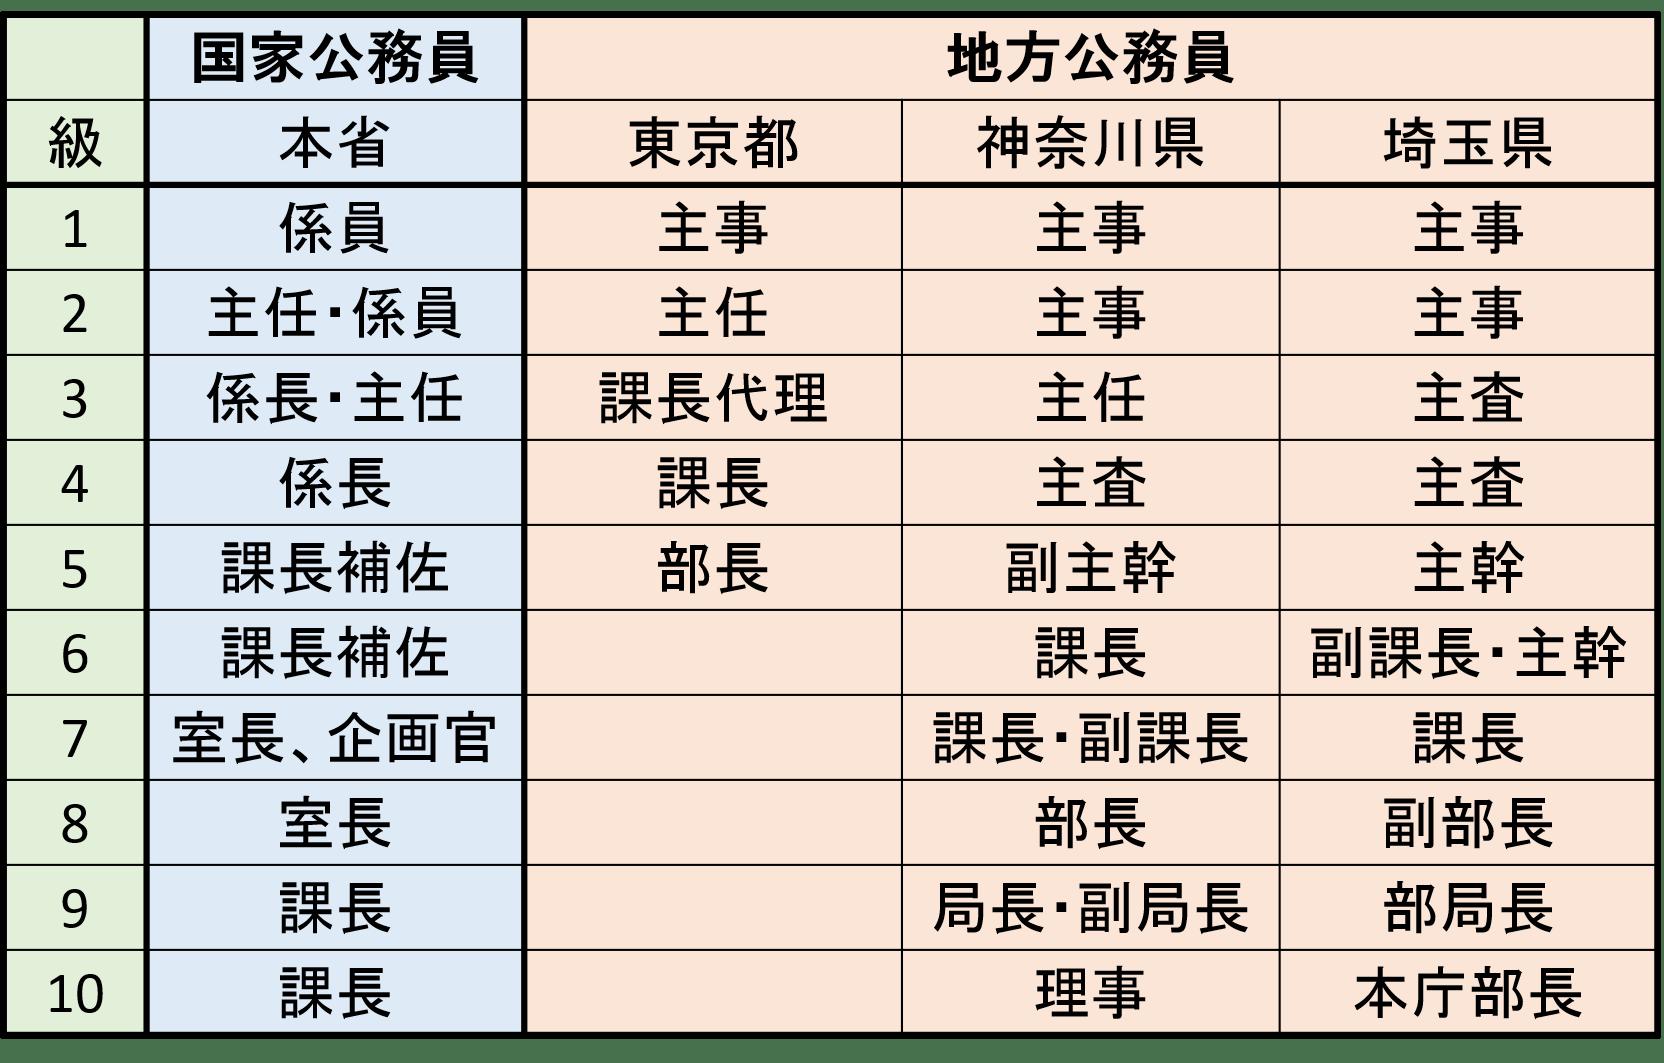 級と號俸 – [理系受験生必見] 公務員受験體験記